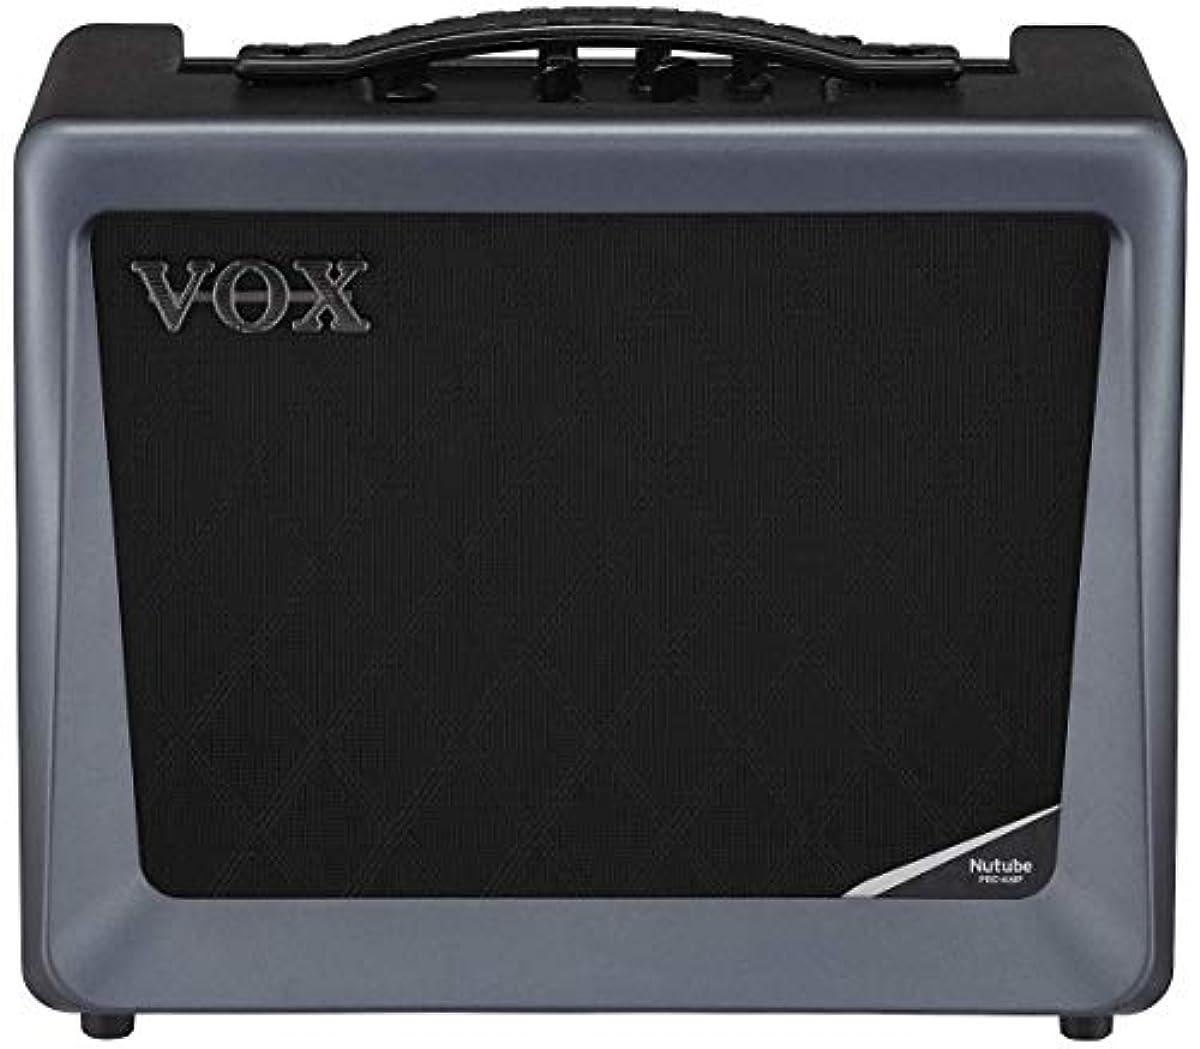 [해외] VOX NUTUBE탑재 기타 앰프 VX50 GTV 놀라움의 경량 설계 50W의 대출력 자택 연습 스튜디오 스테이지에 최적 운반 전용 에디터 소프트 있음